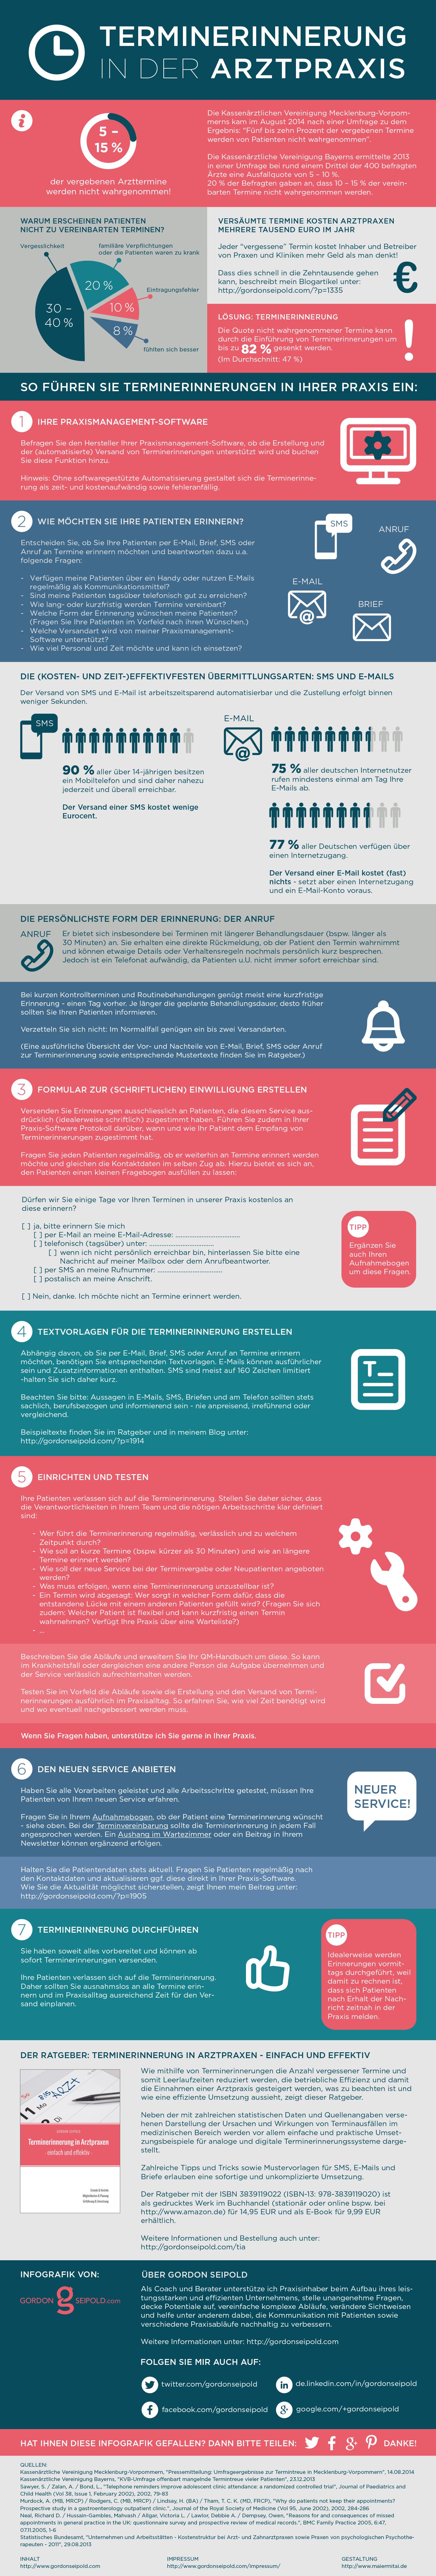 Infografik Terminerinnerung in der Arztpraxis